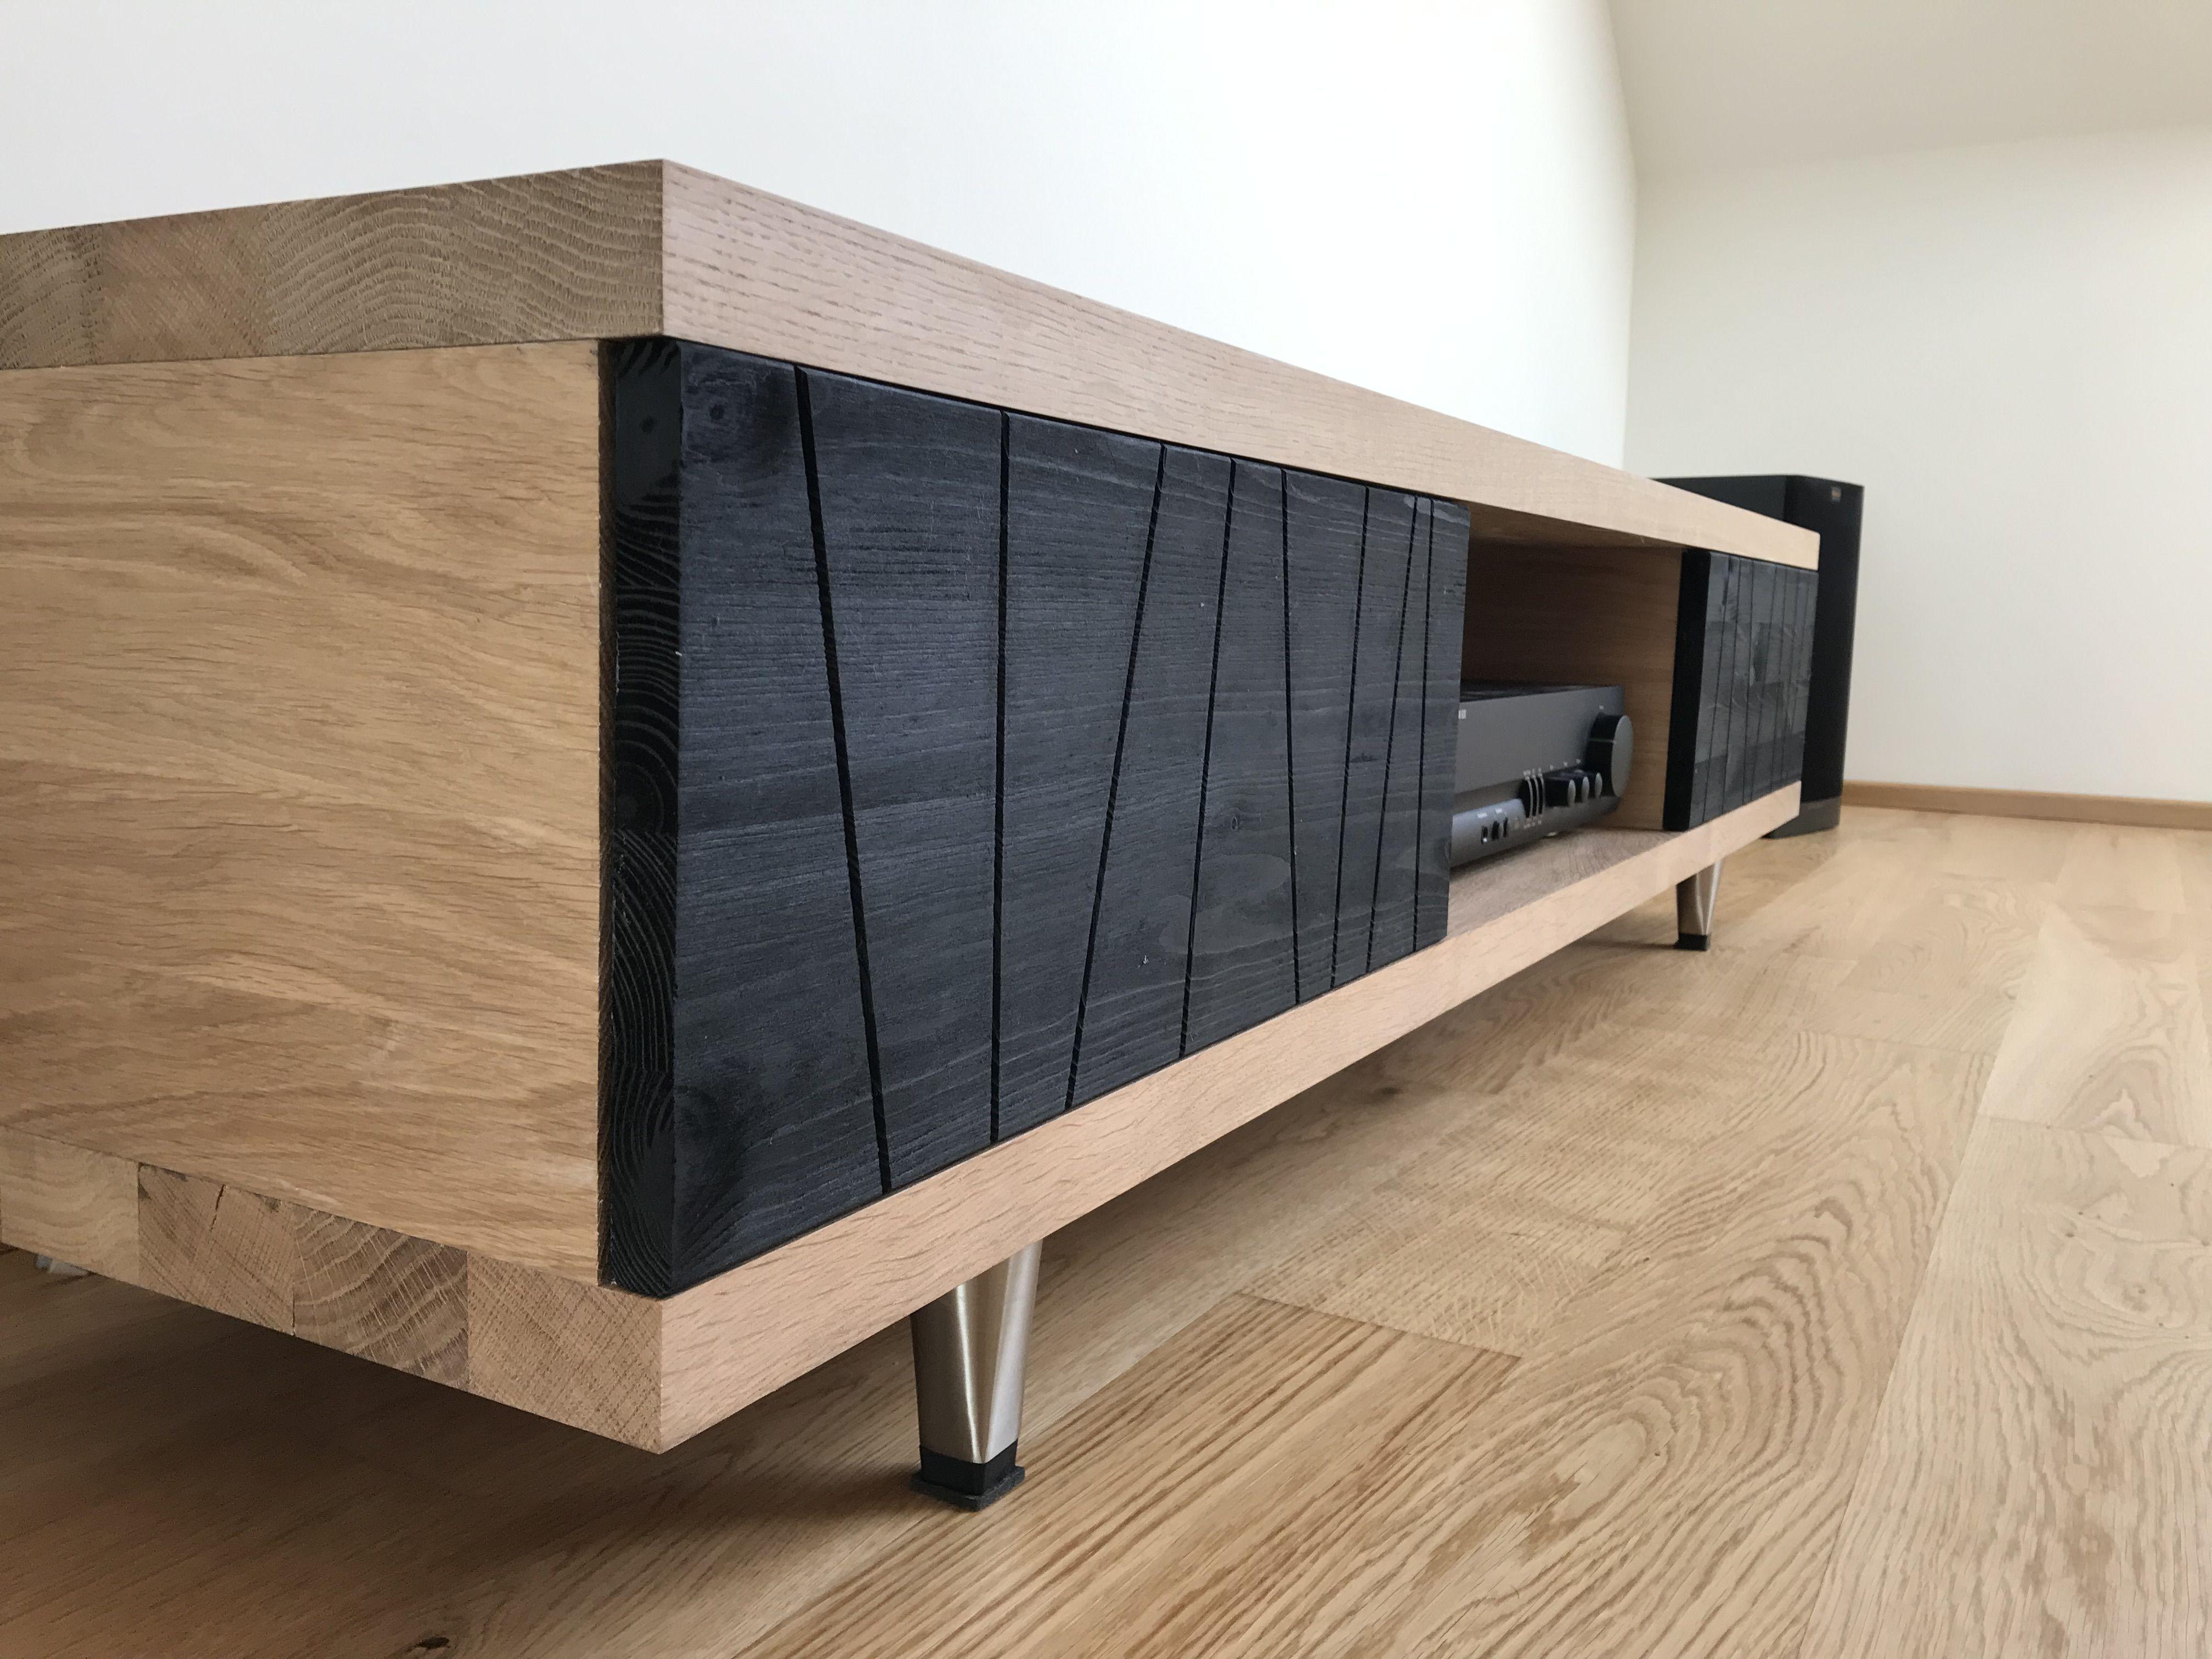 modernes lowboard | lowboard massivholz, diy möbel design